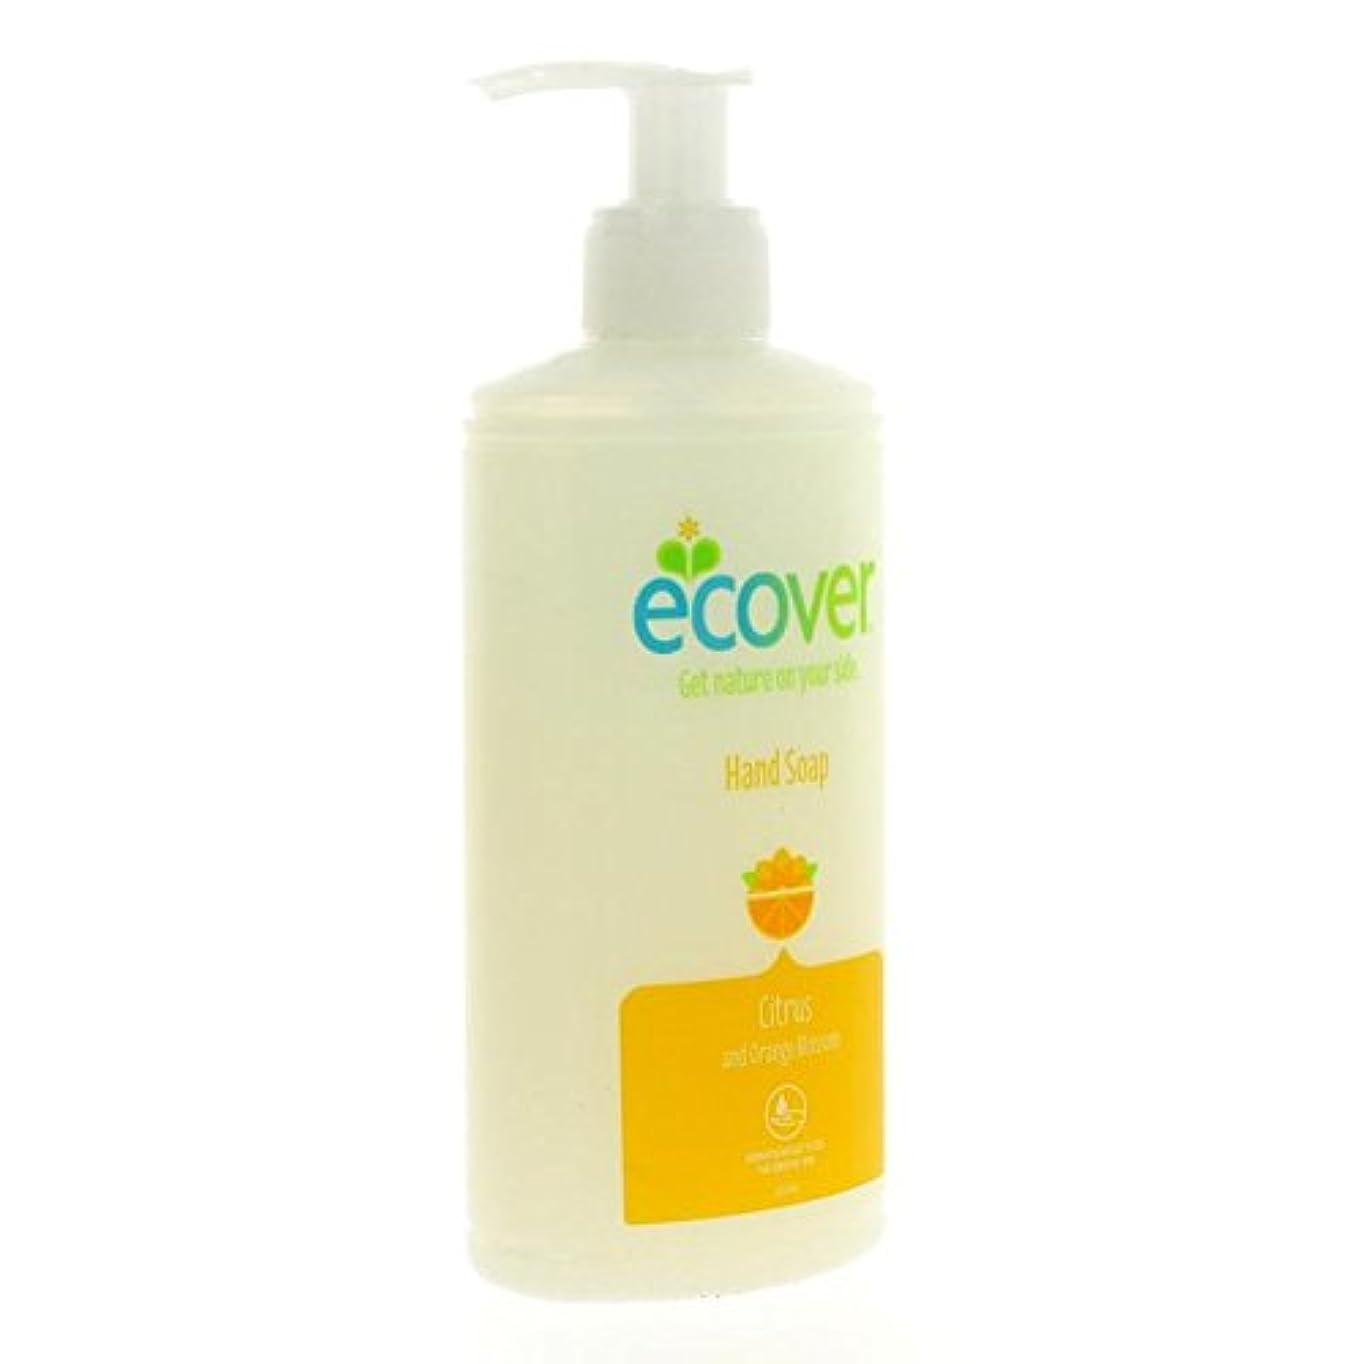 反論ポール販売員Ecover - Hand Soap - Citrus and Orange Blossom - 250ml (Case of 6)